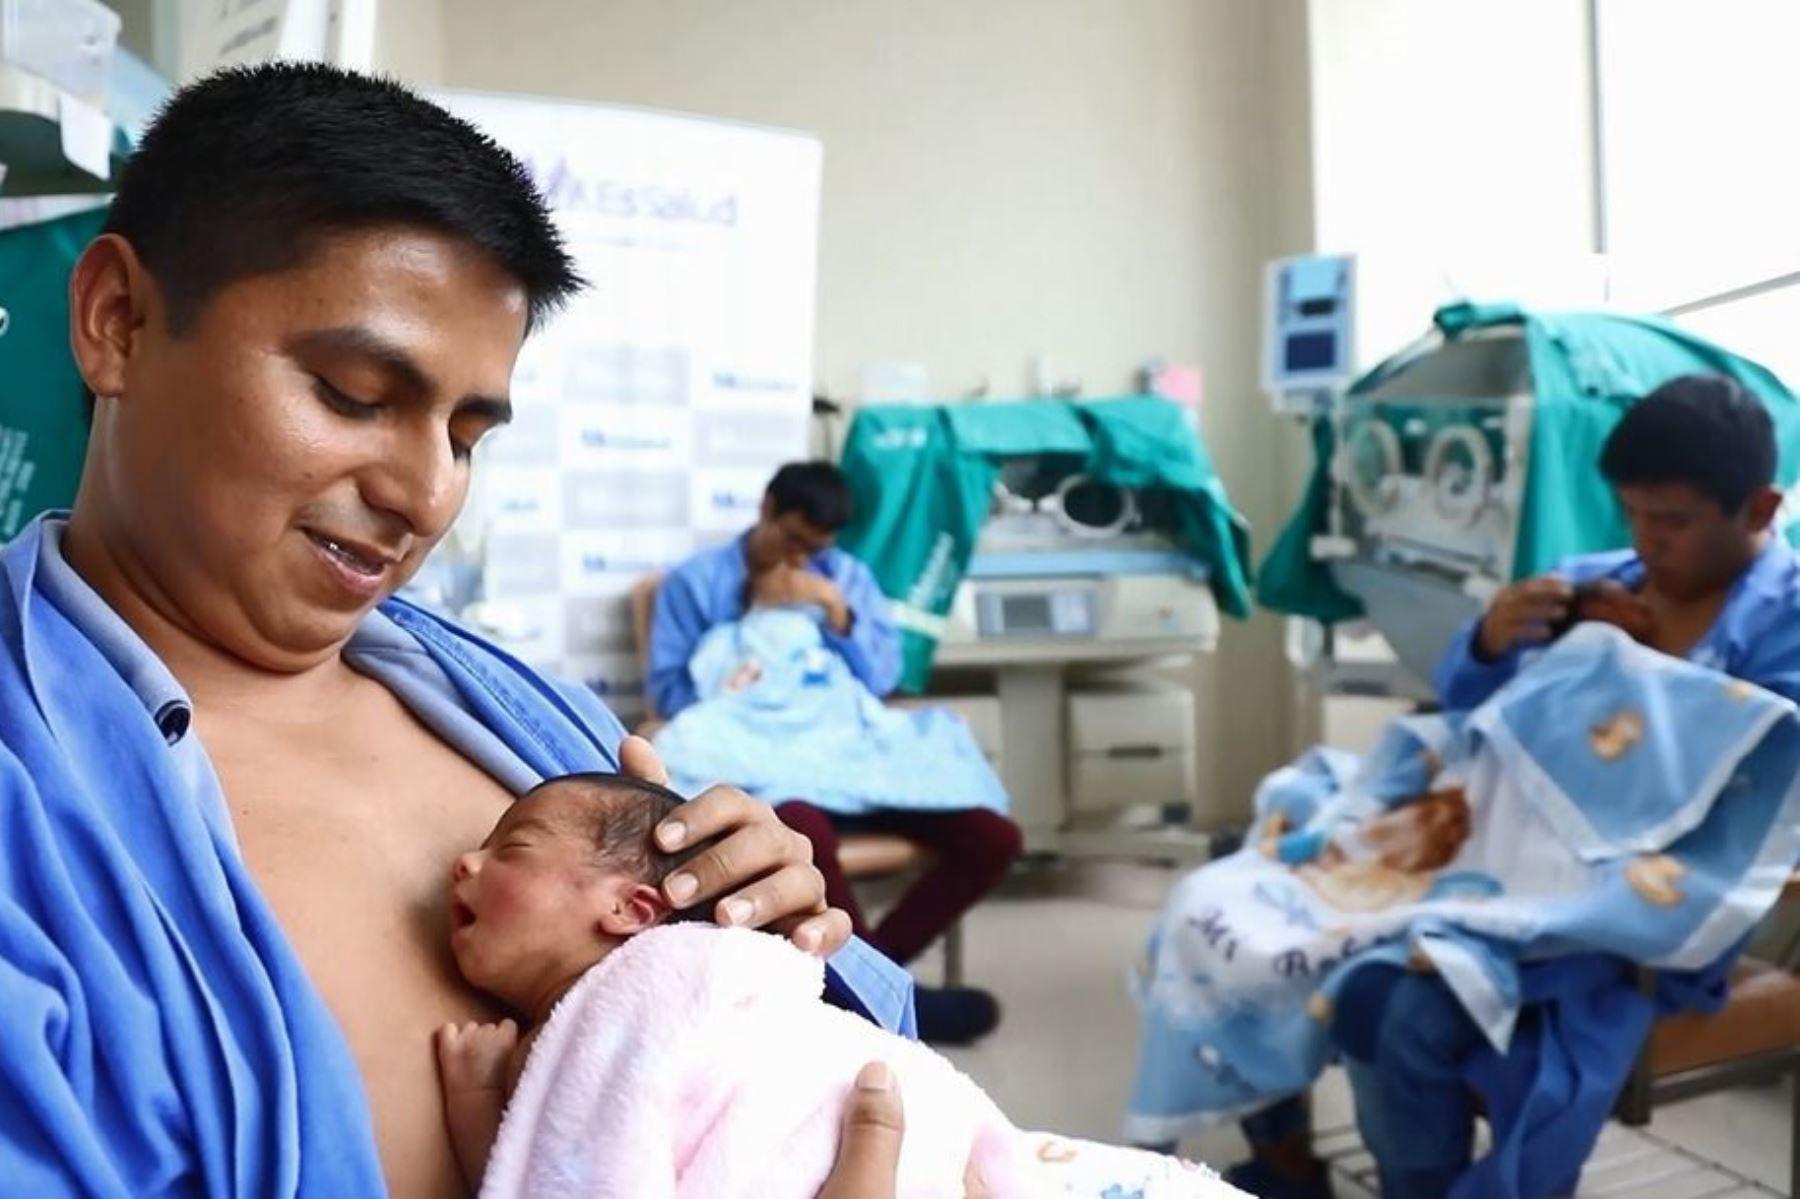 Con técnicas especiales fortalecen relación afectiva entre padres y recién nacidos. Foto: Andina/Difusión